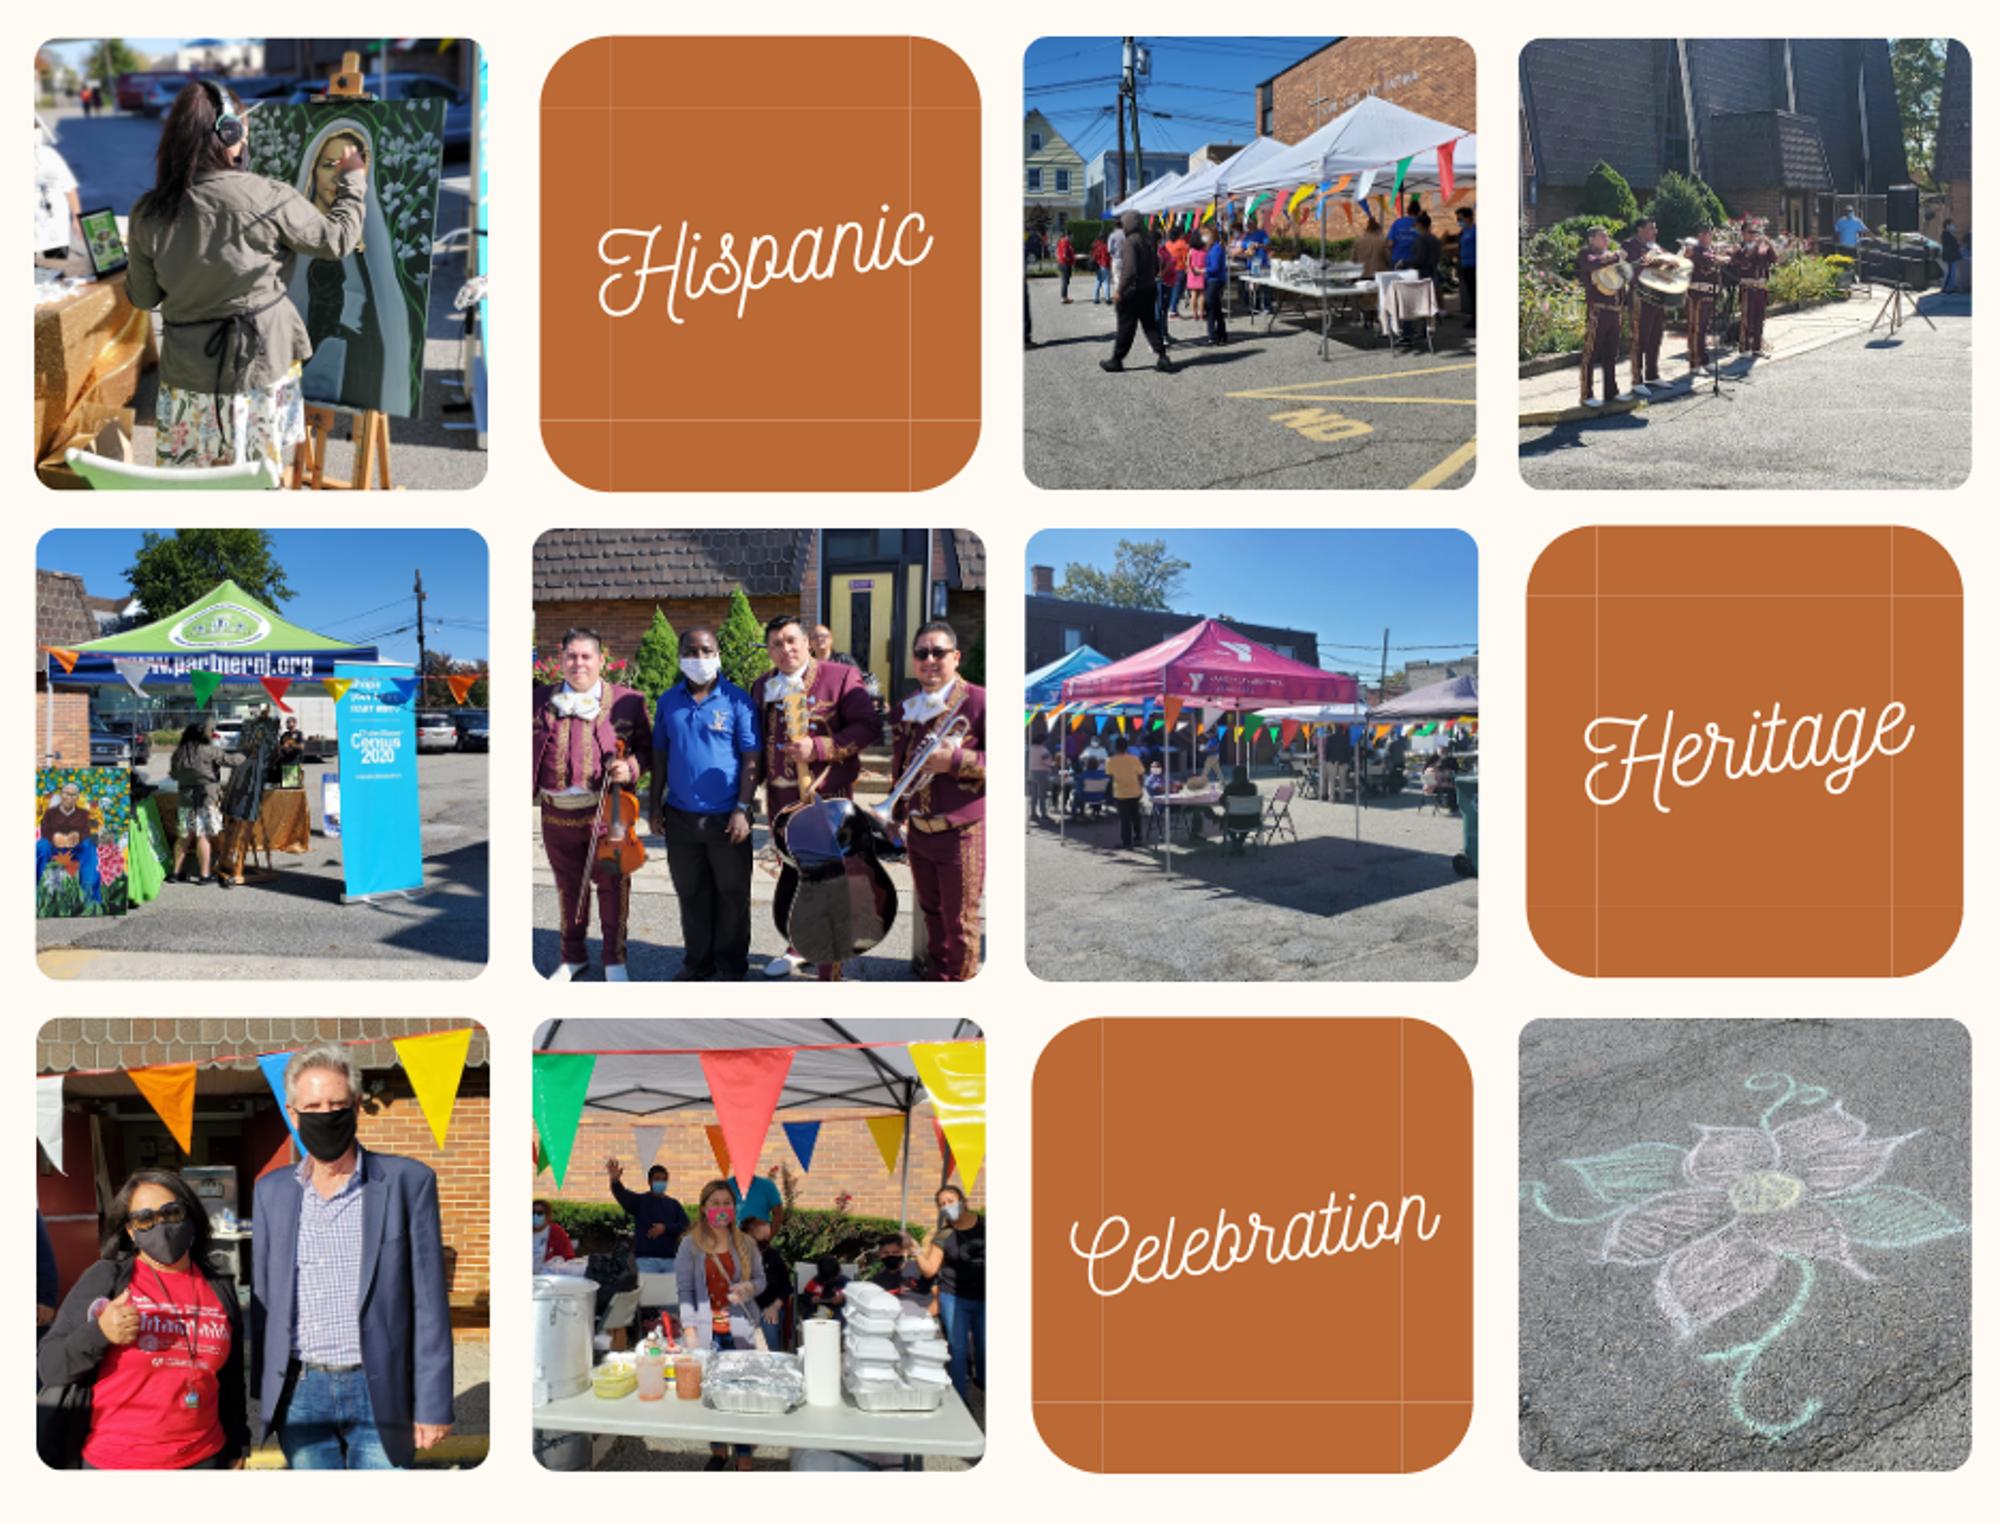 Hispanic Heritage Celebration 2020